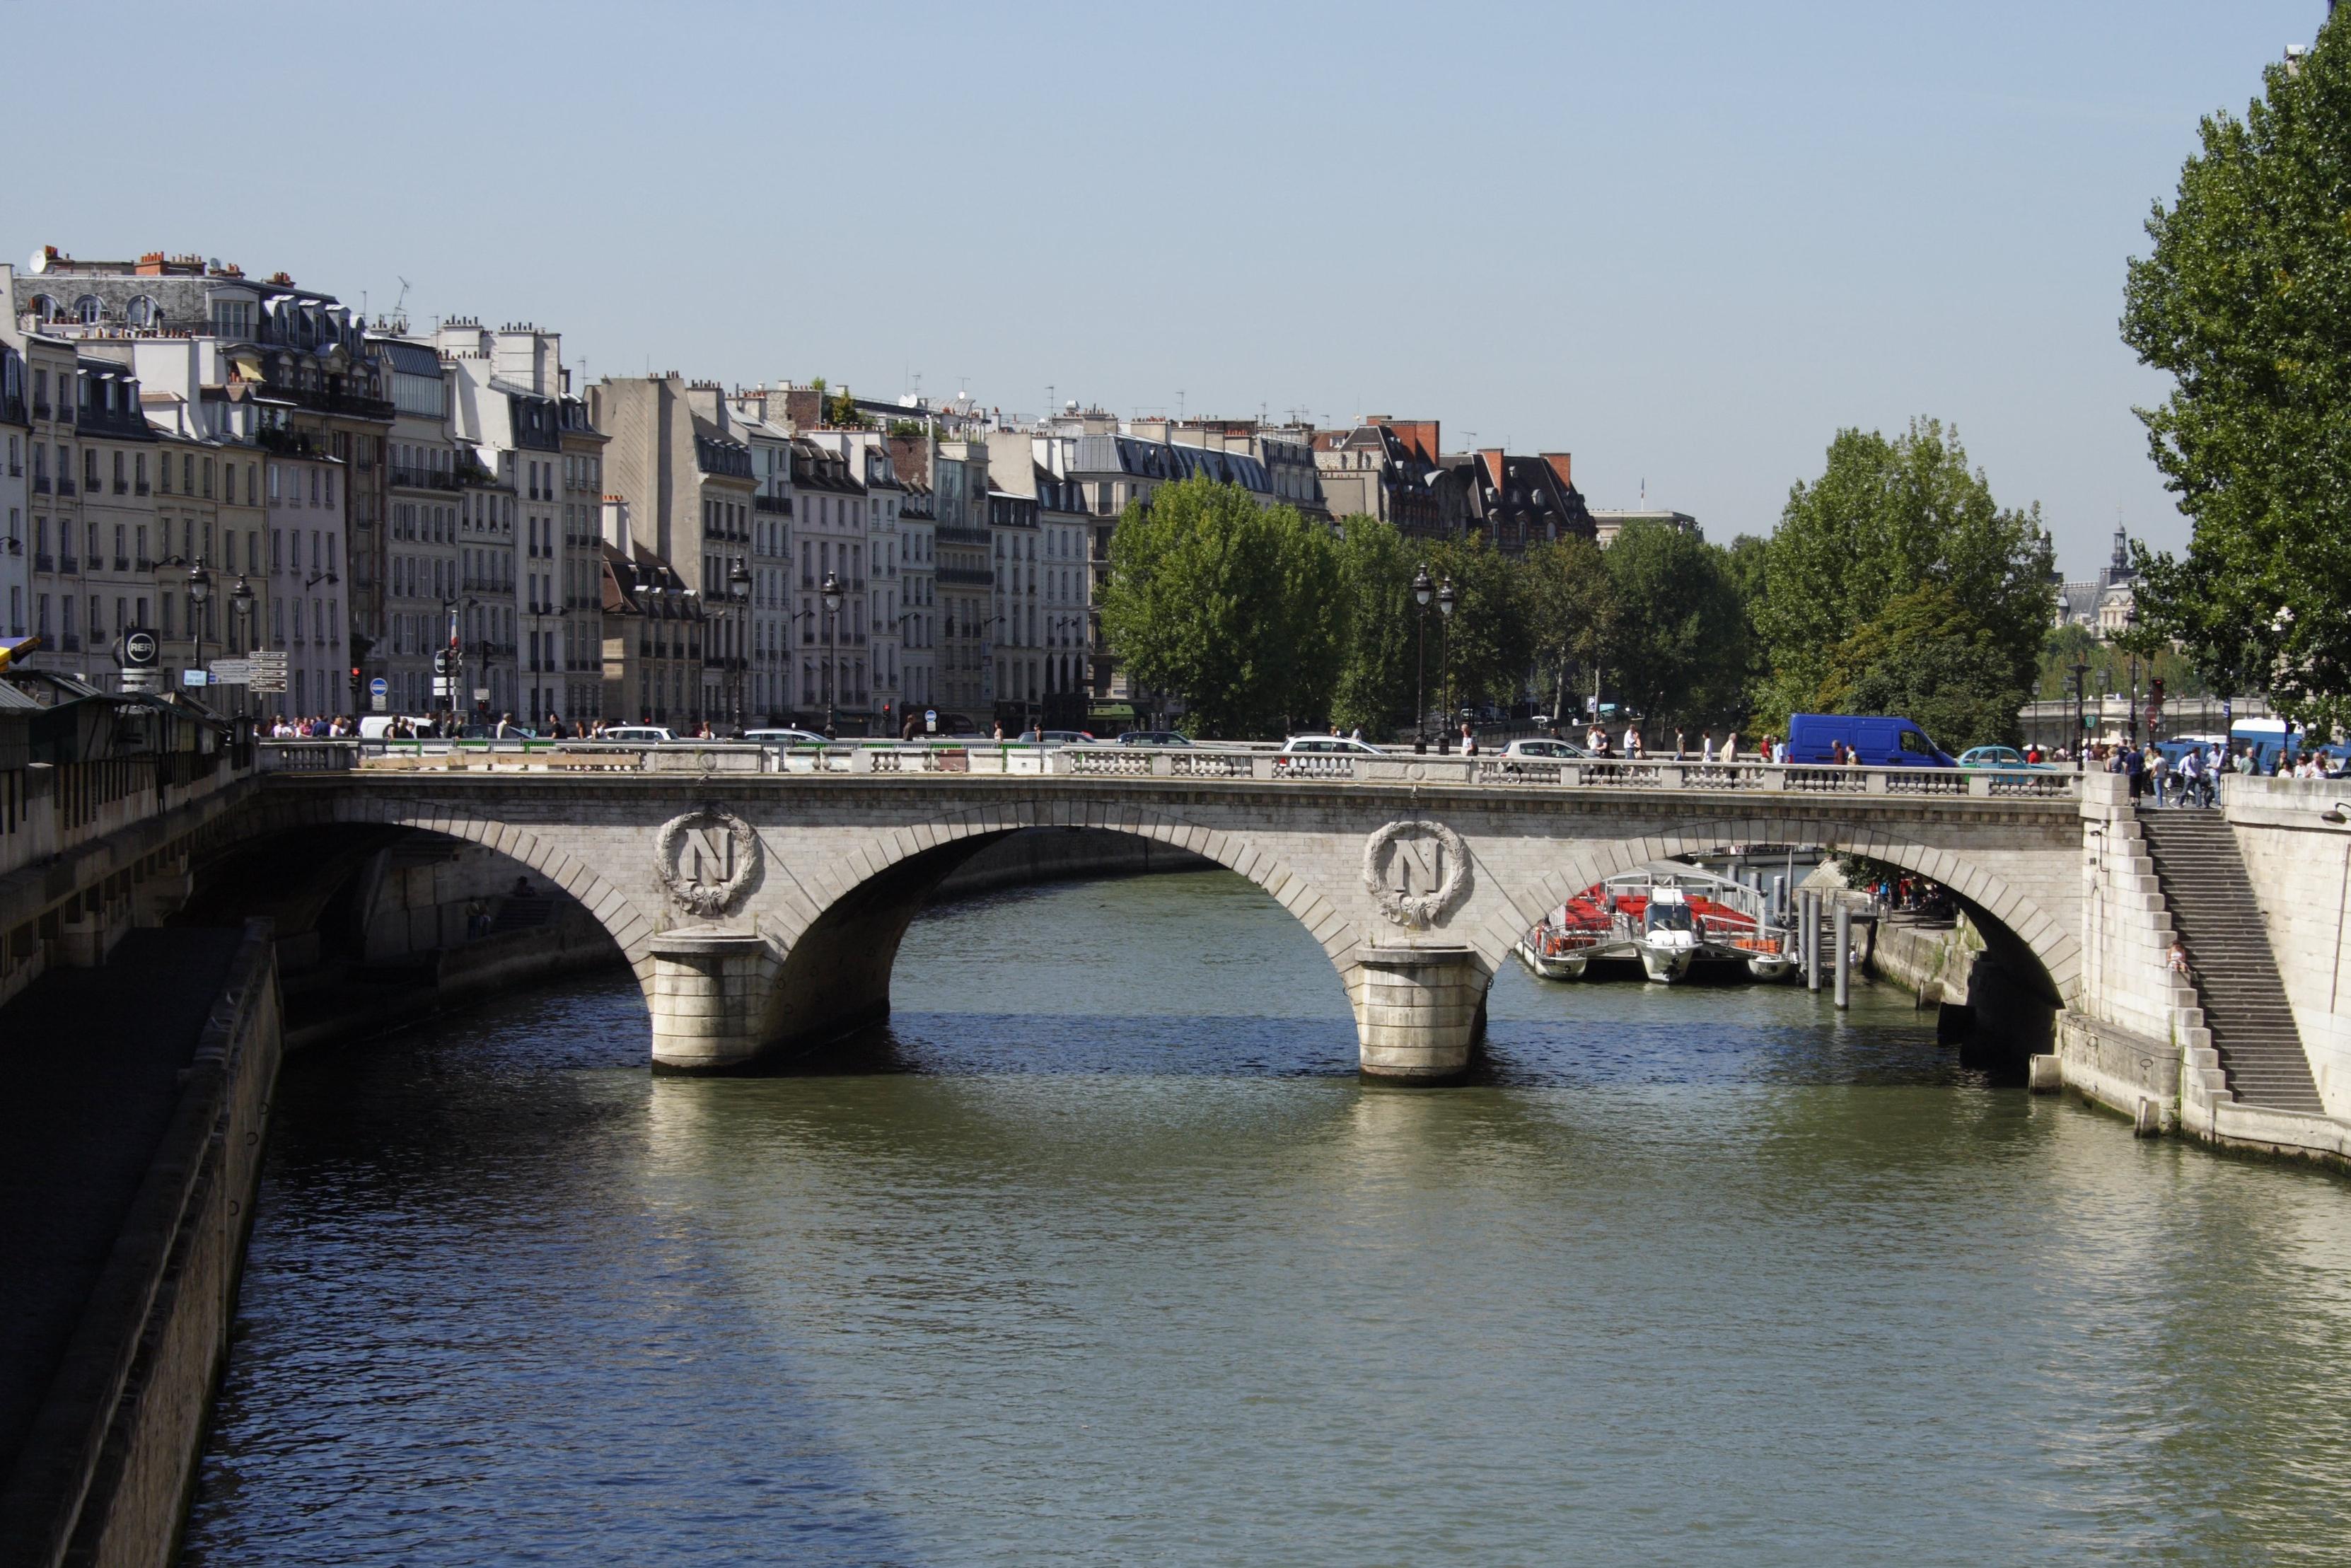 Saint Michel Paris France File:pont Saint-michel Paris